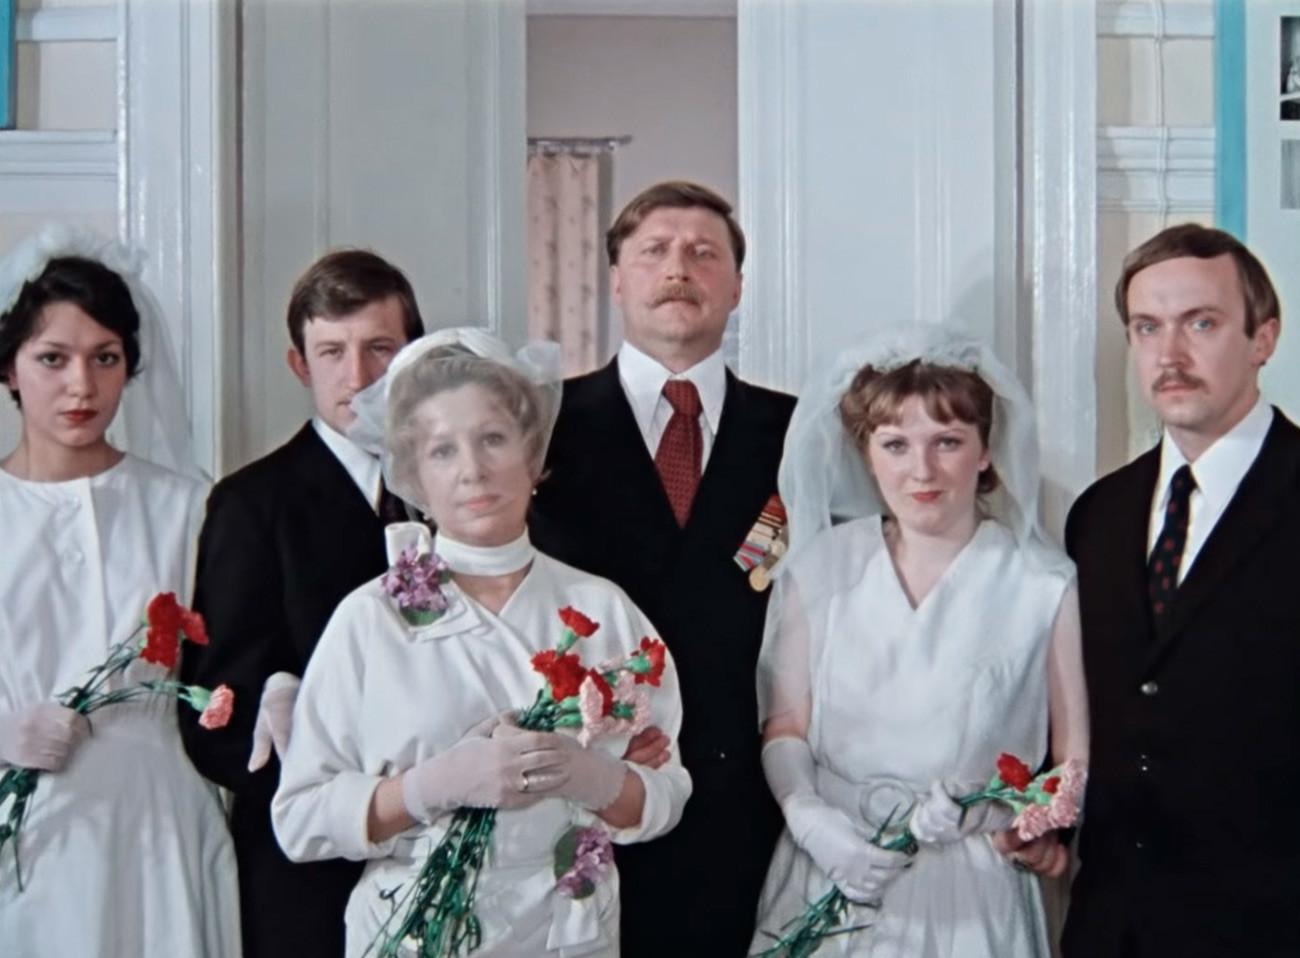 Escena de la boda de la película La Puerta de Pokrovski de Mijaíl Kazakov, 1983